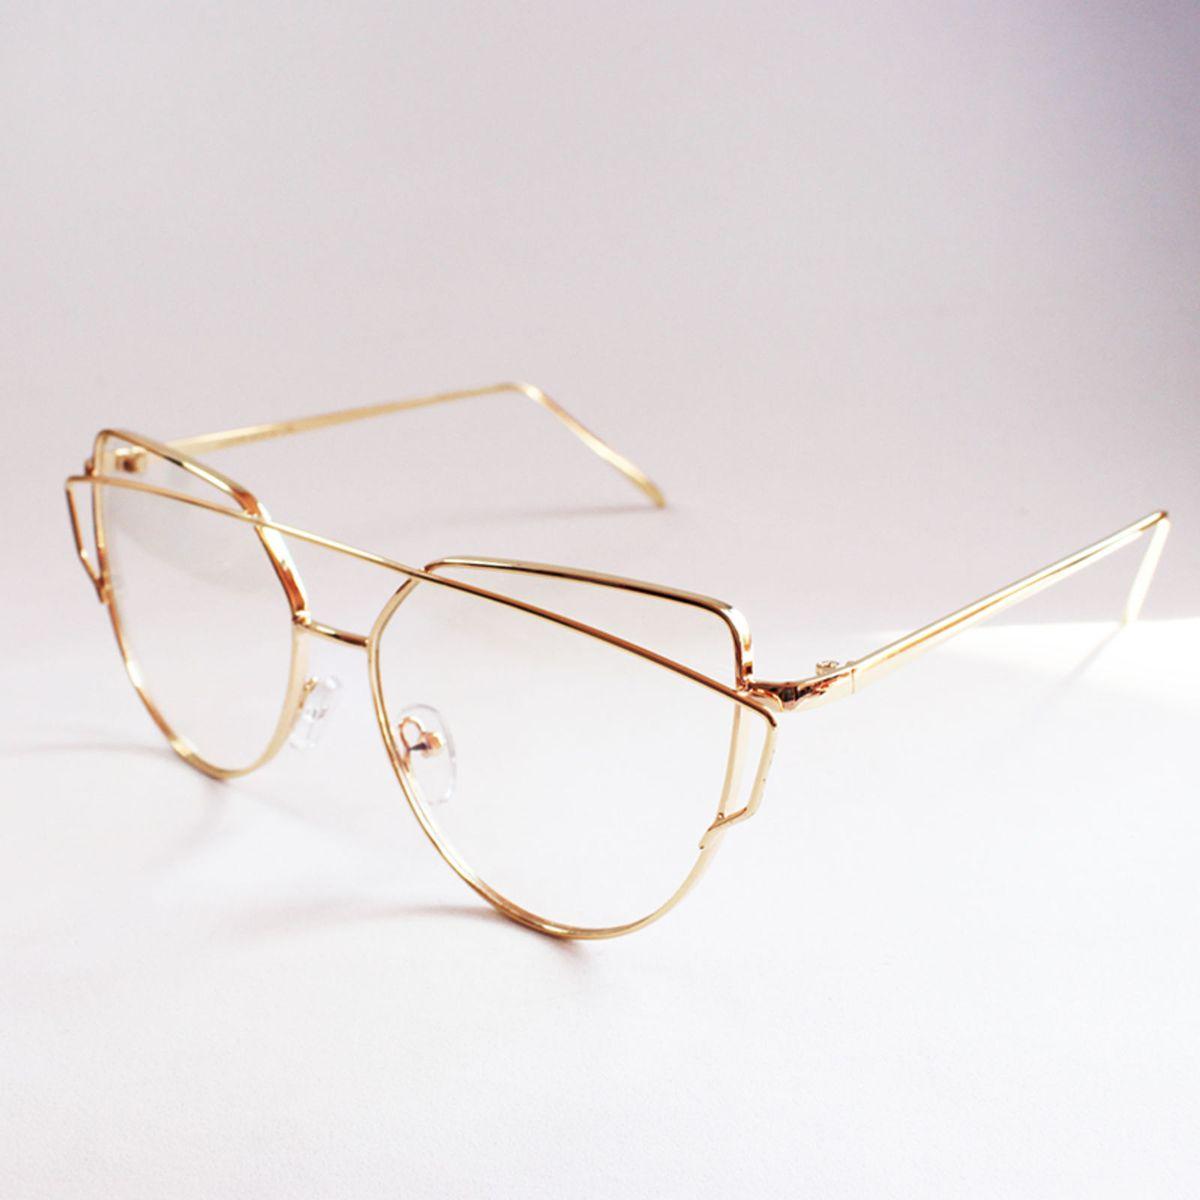 0007af80491f4 não reativar - armação óculos para grau metálica estilosa feminina dourada  - óculos sem marca